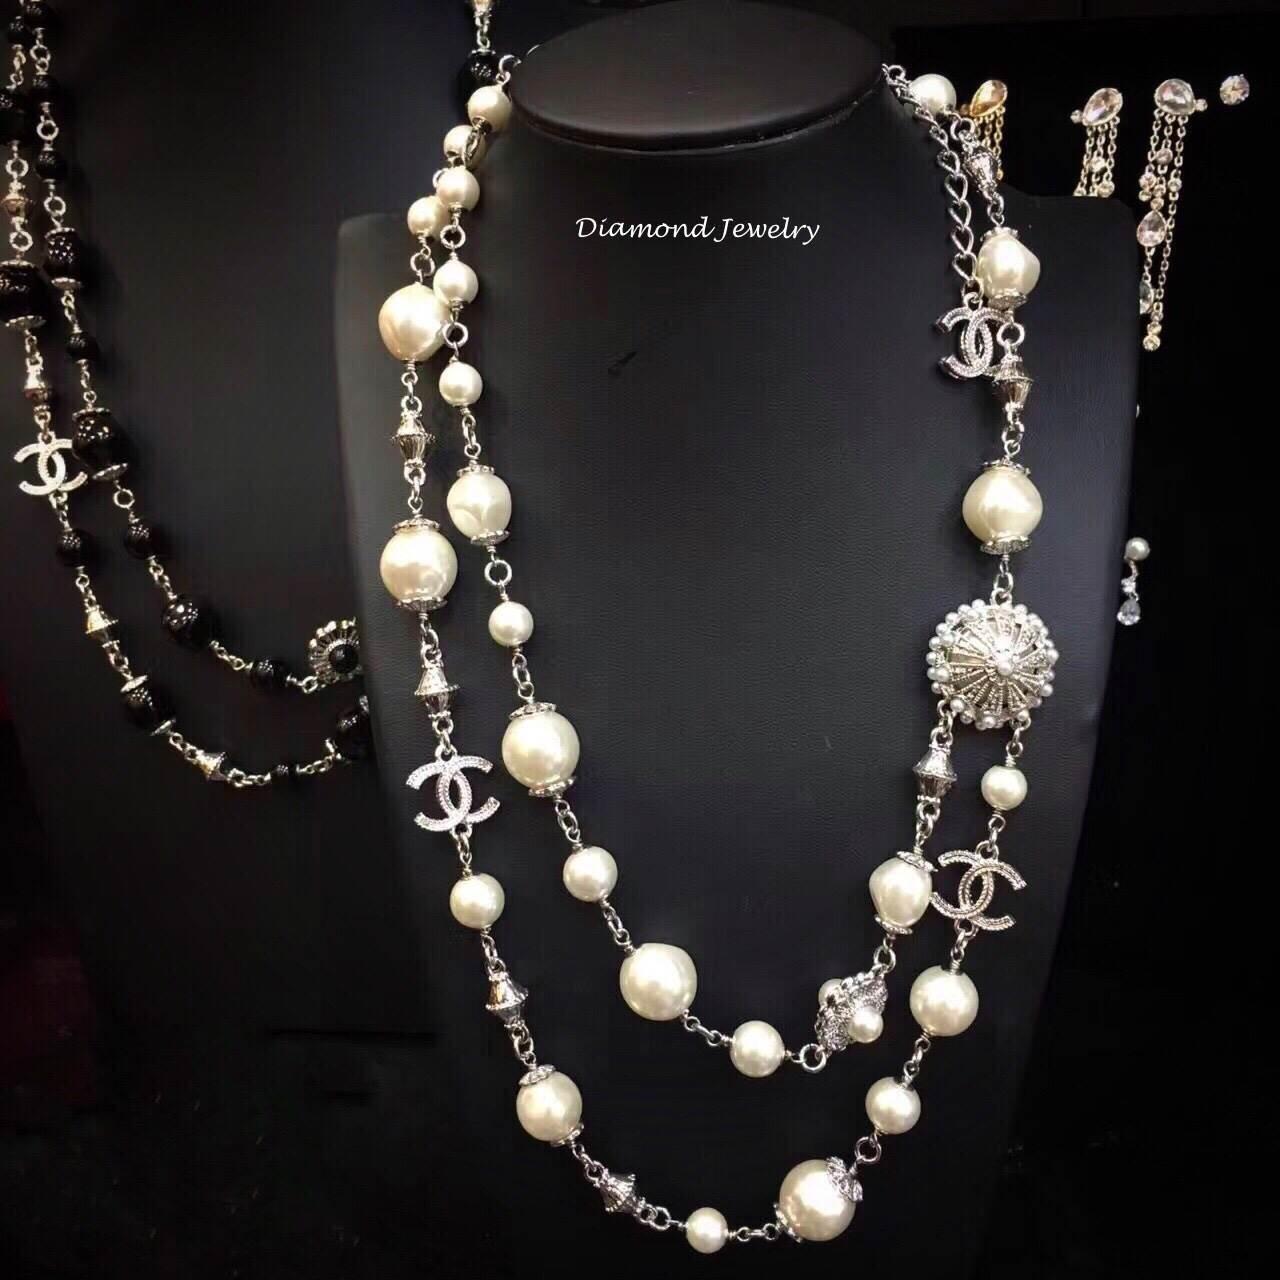 พร้อมส่ง Chanel Necklace เกรดซุปเปร์ไฮเอนคะงานมุก 2 ชั้น